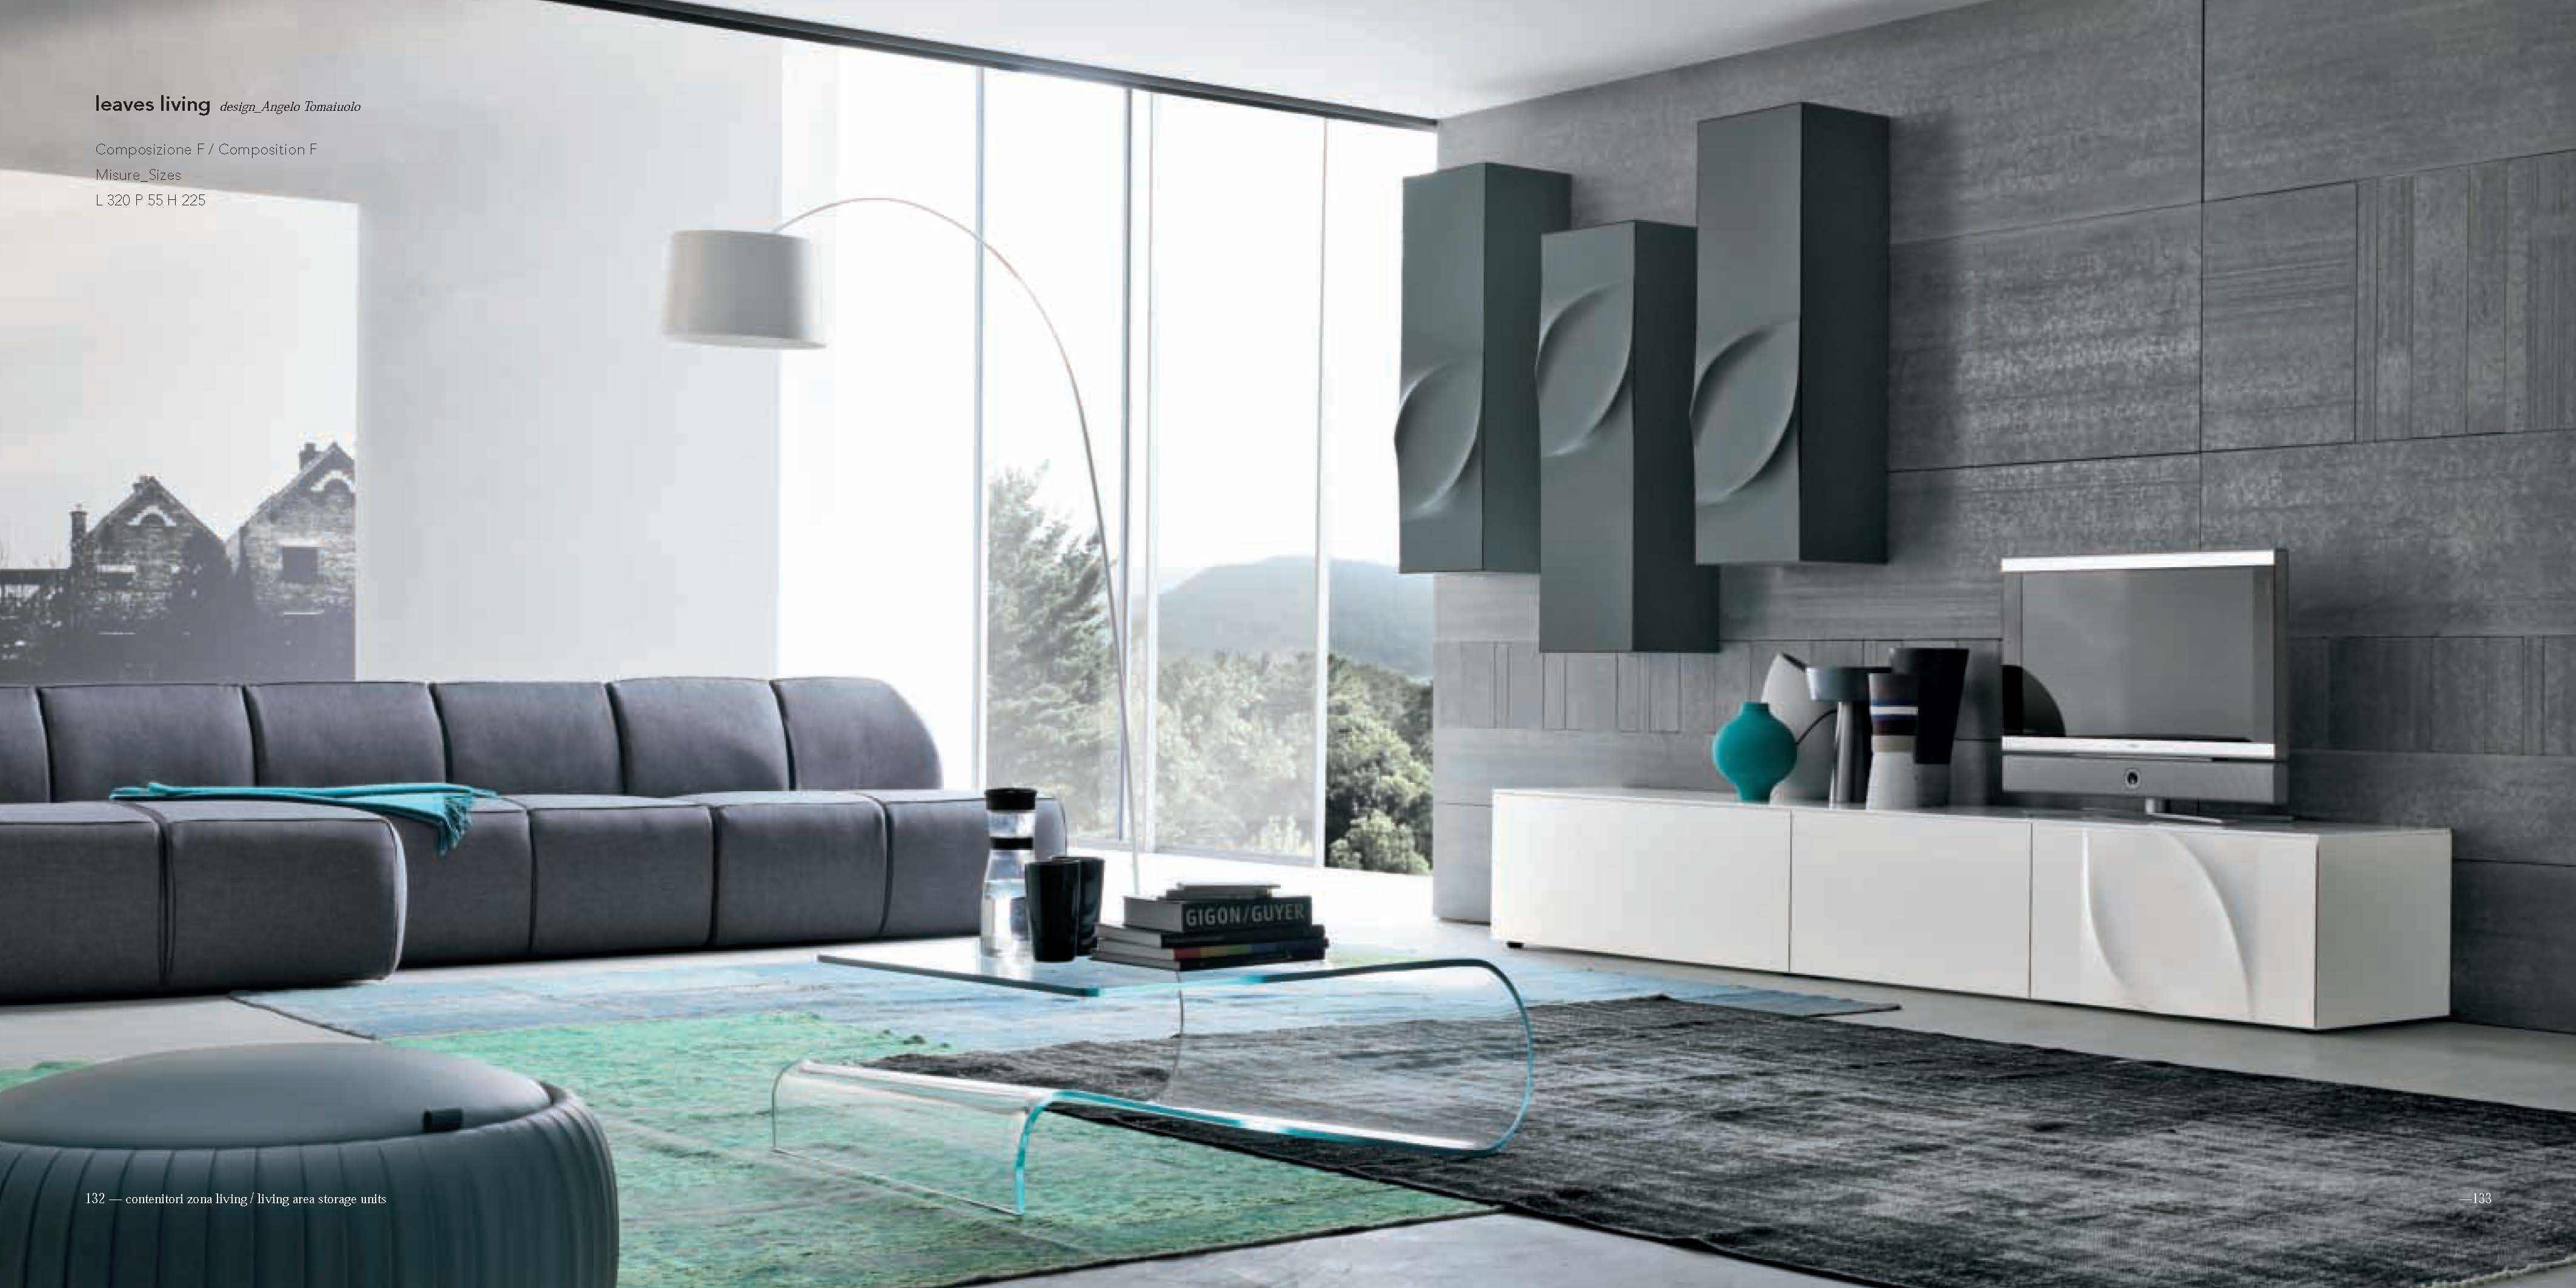 TONIN CASA家具:独特风格,打造个性家居空间